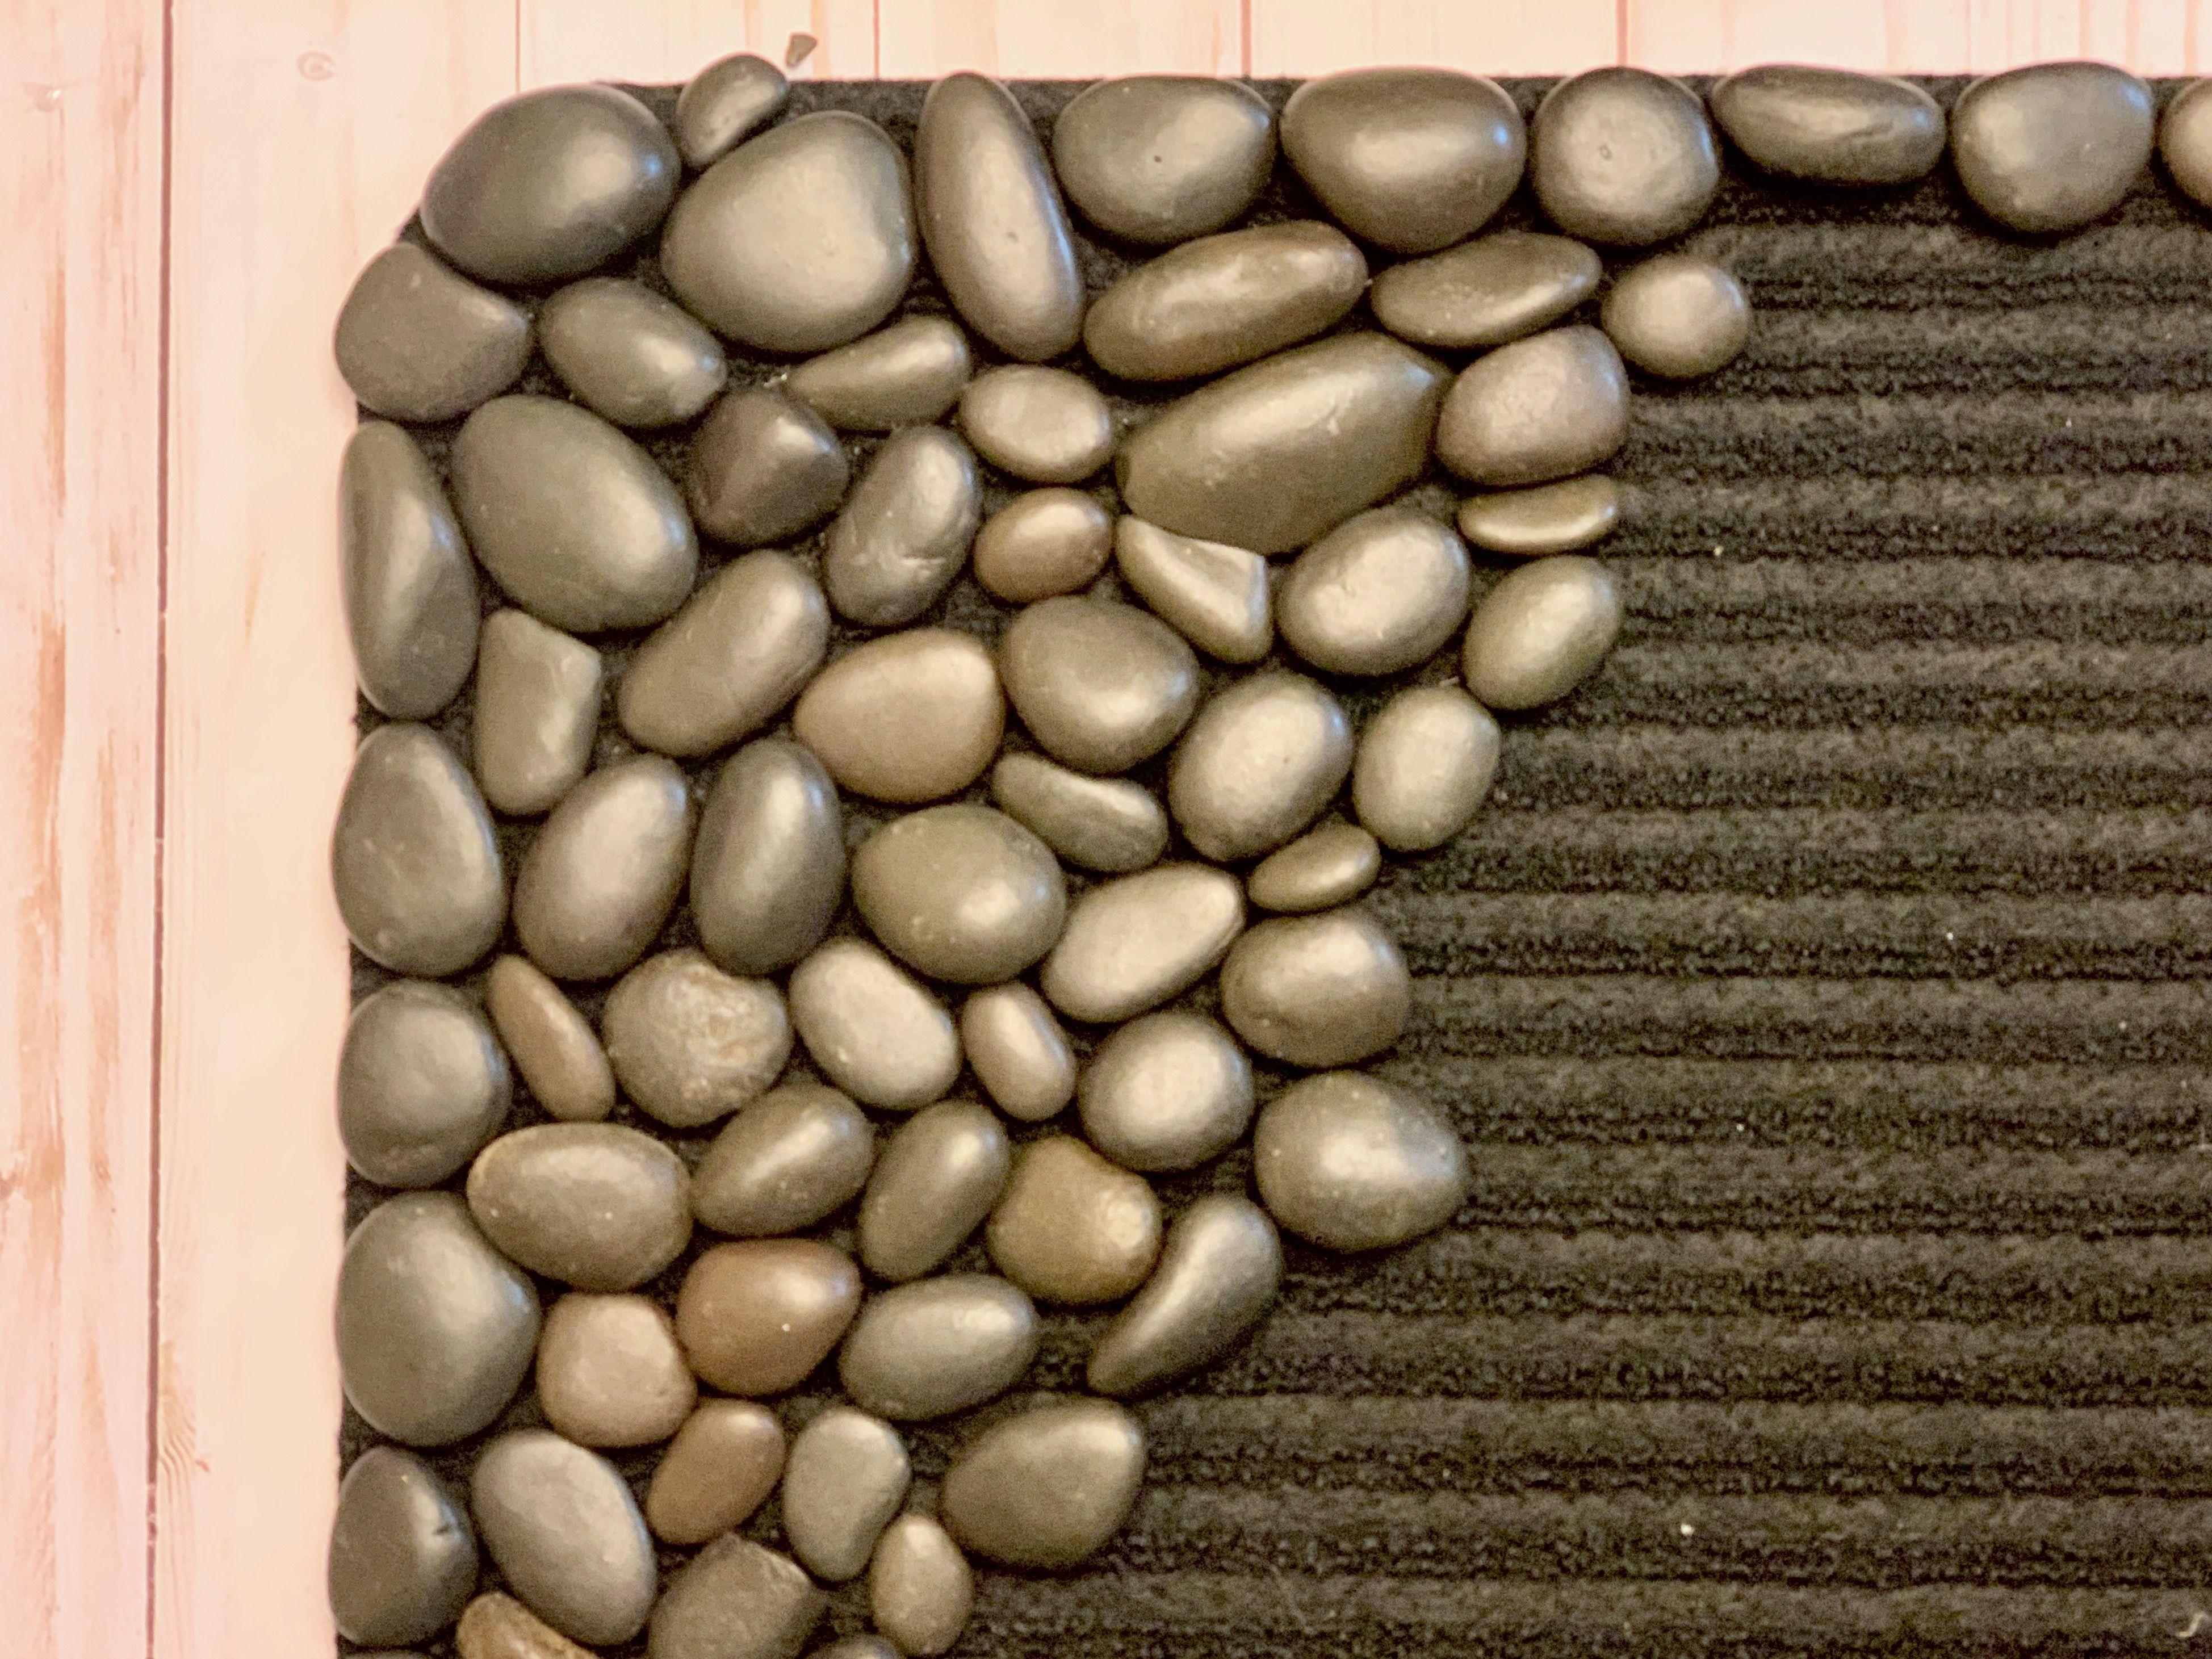 Diy River Rock Welcome Doormat Ehow Com In 2020 Diy River Rock Rock Crafts Diy Door Mat Diy